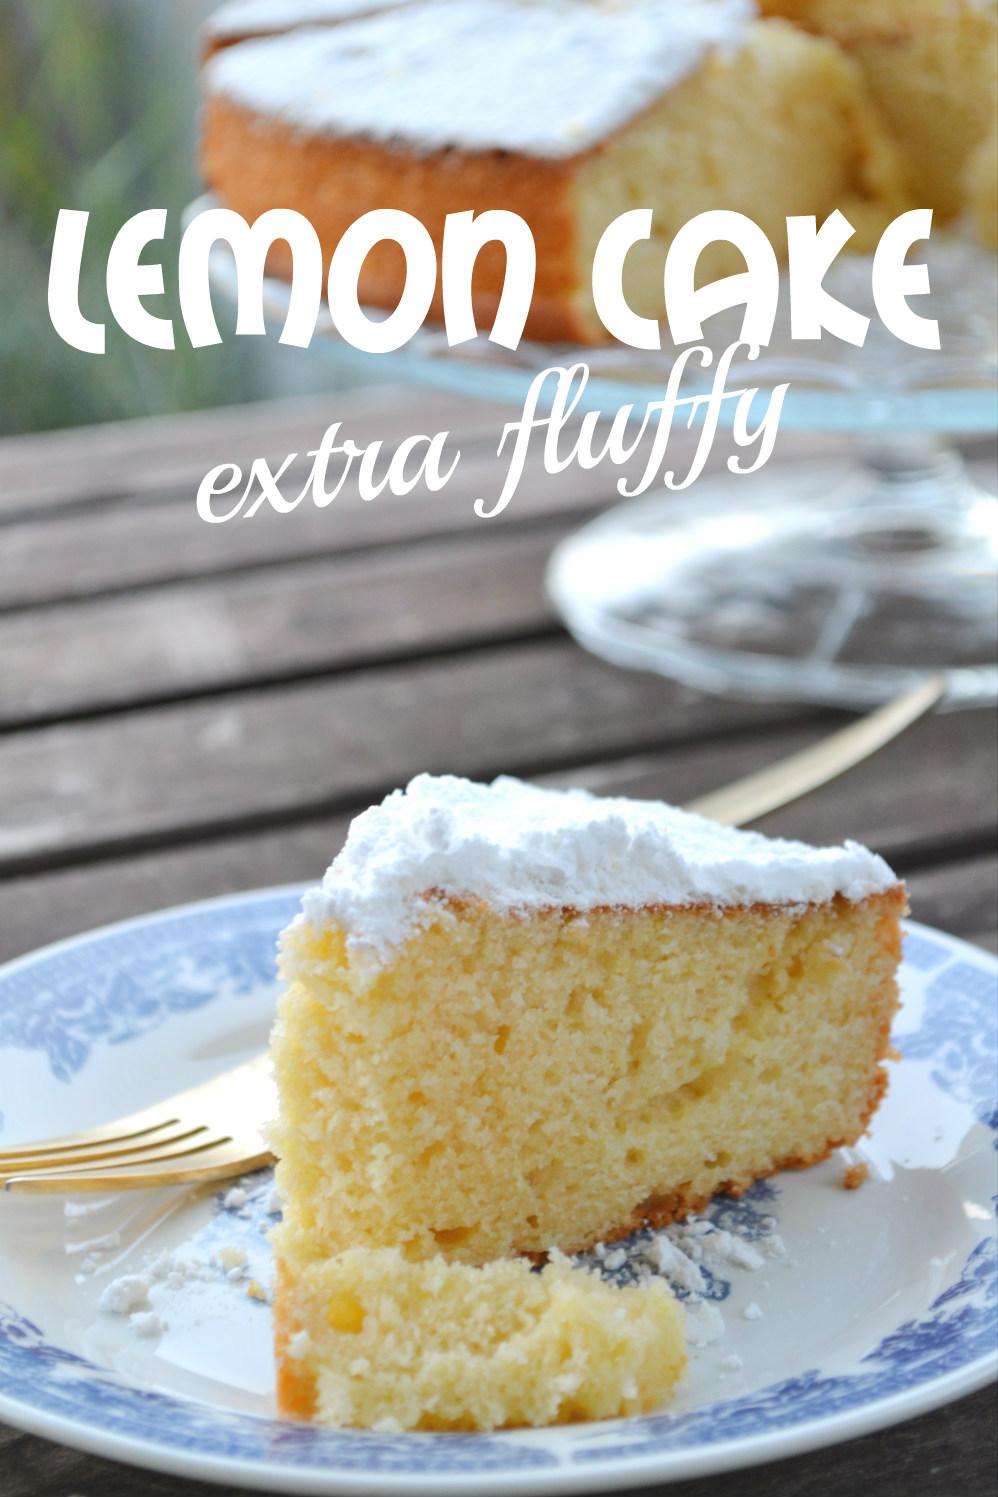 lemonade cake letters DSC_0183